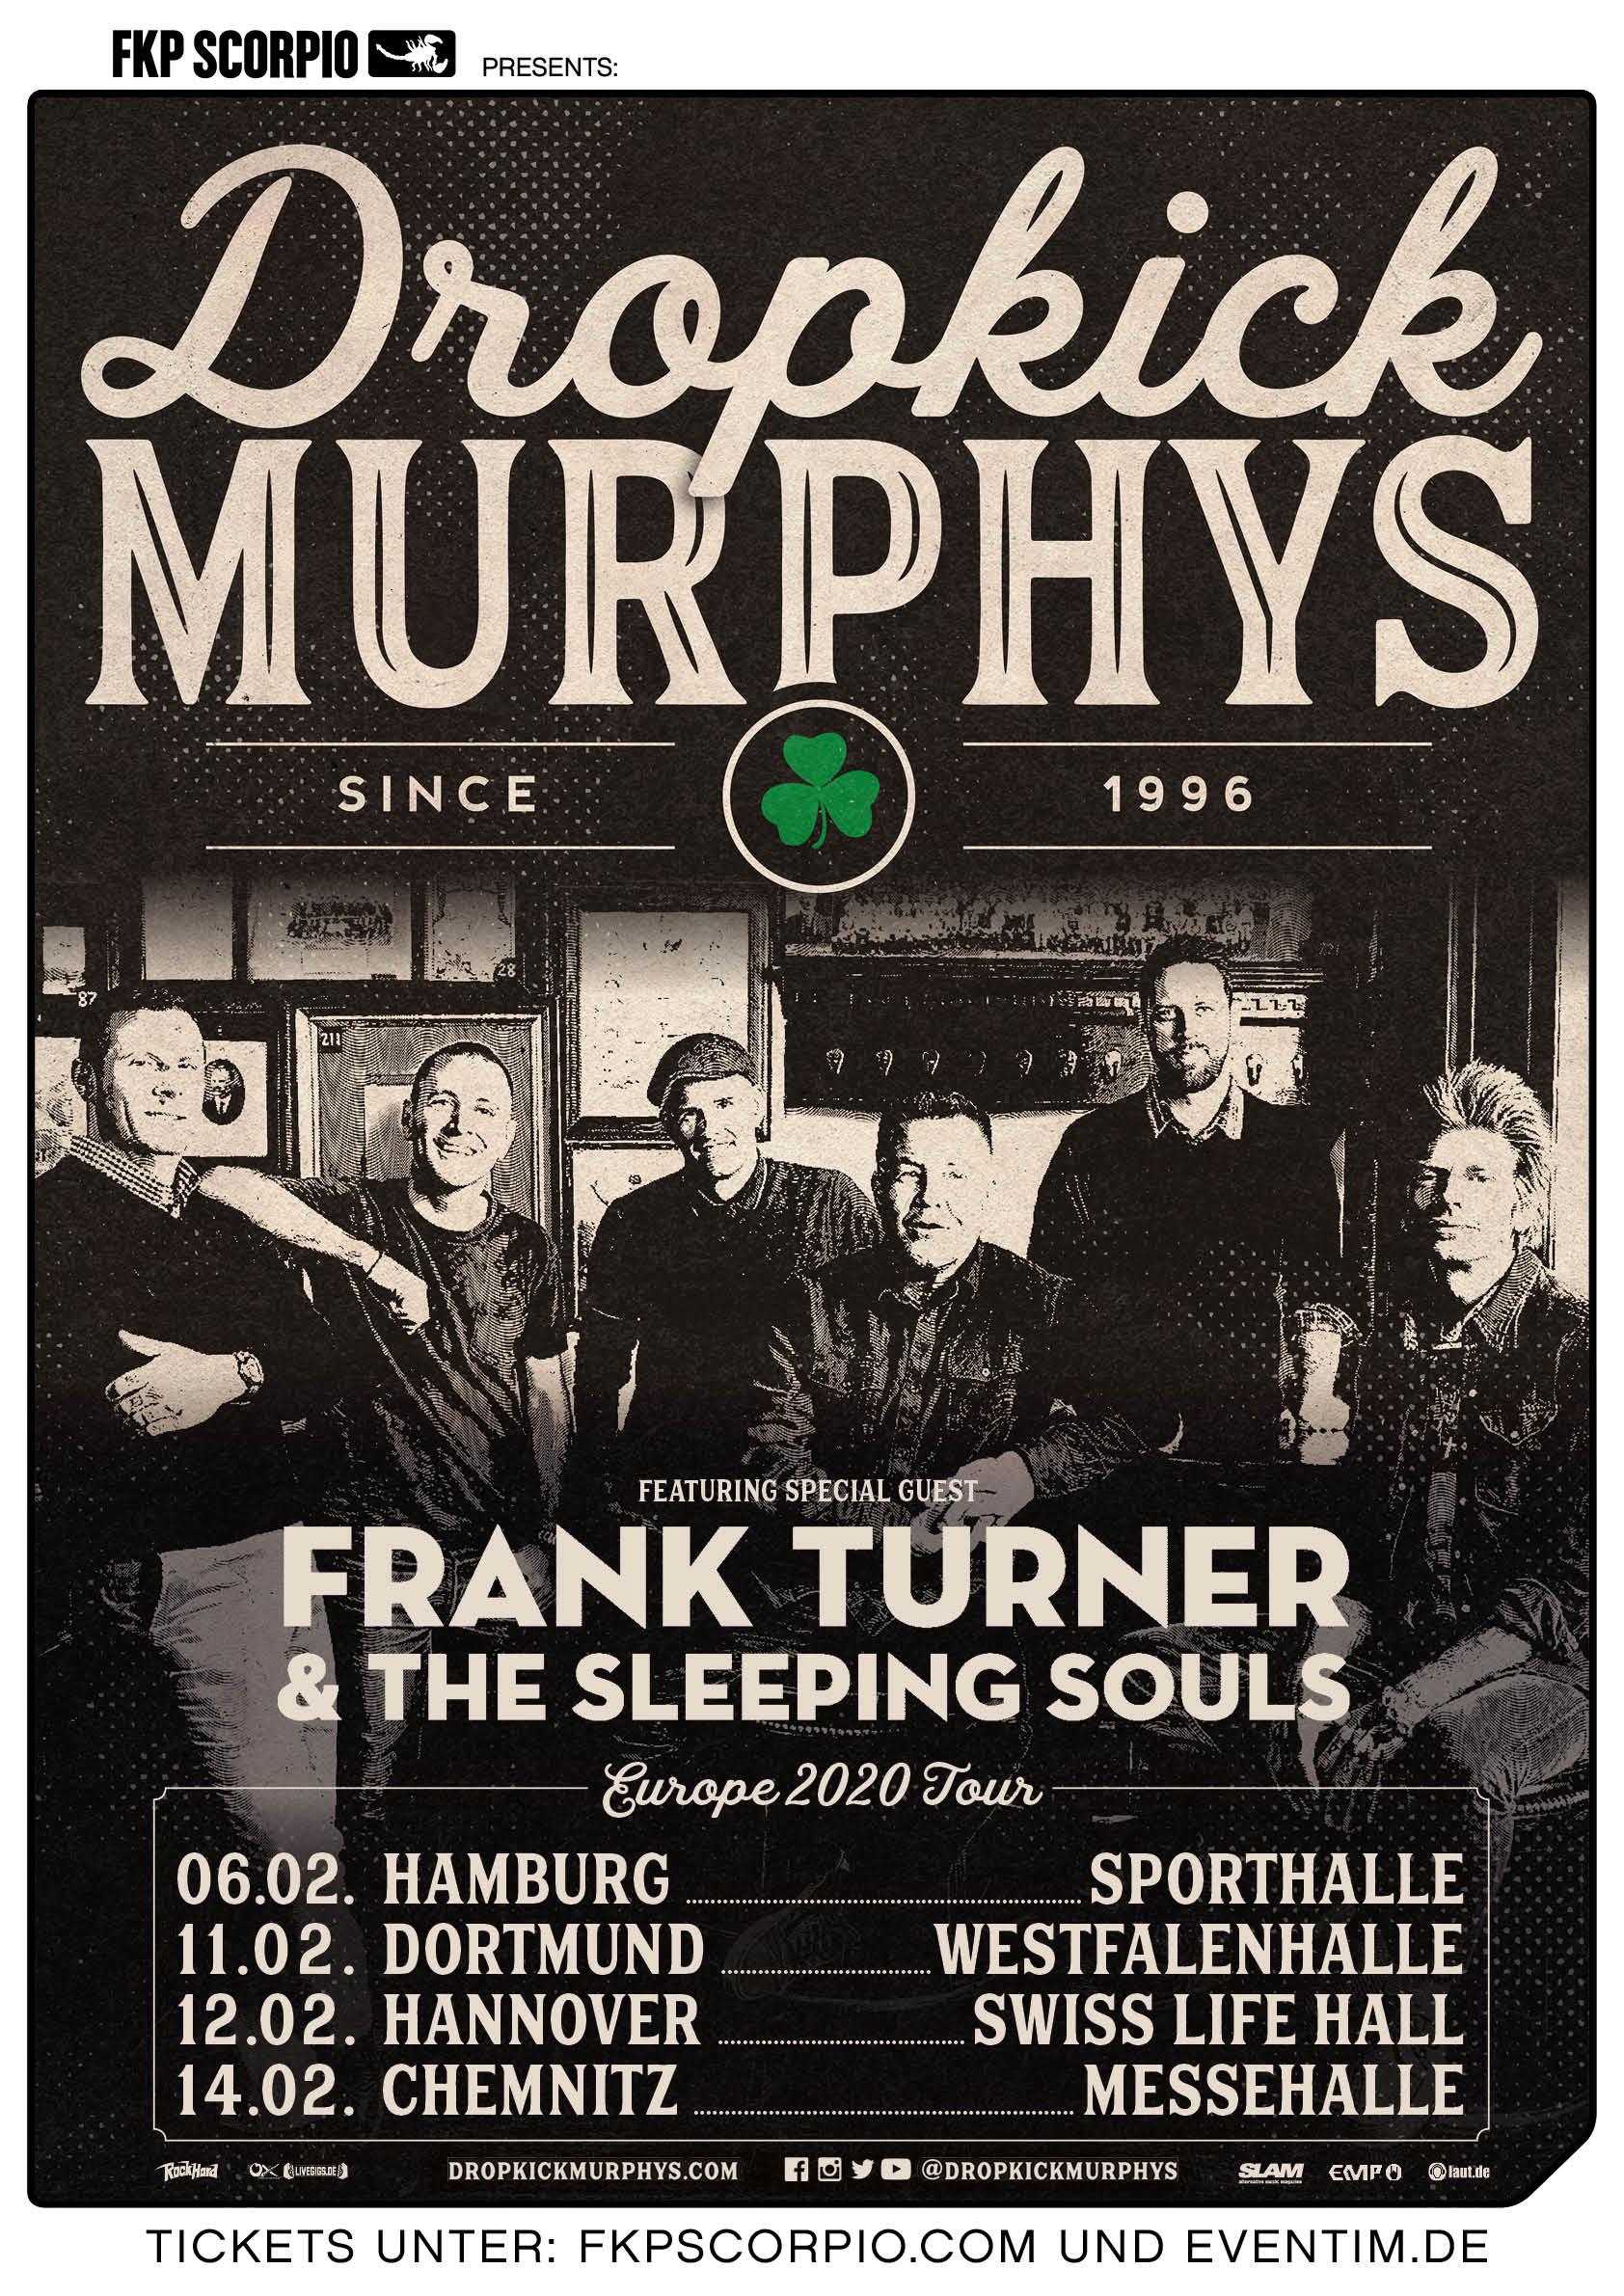 Dropkick Murphys Tour 2020 Poster